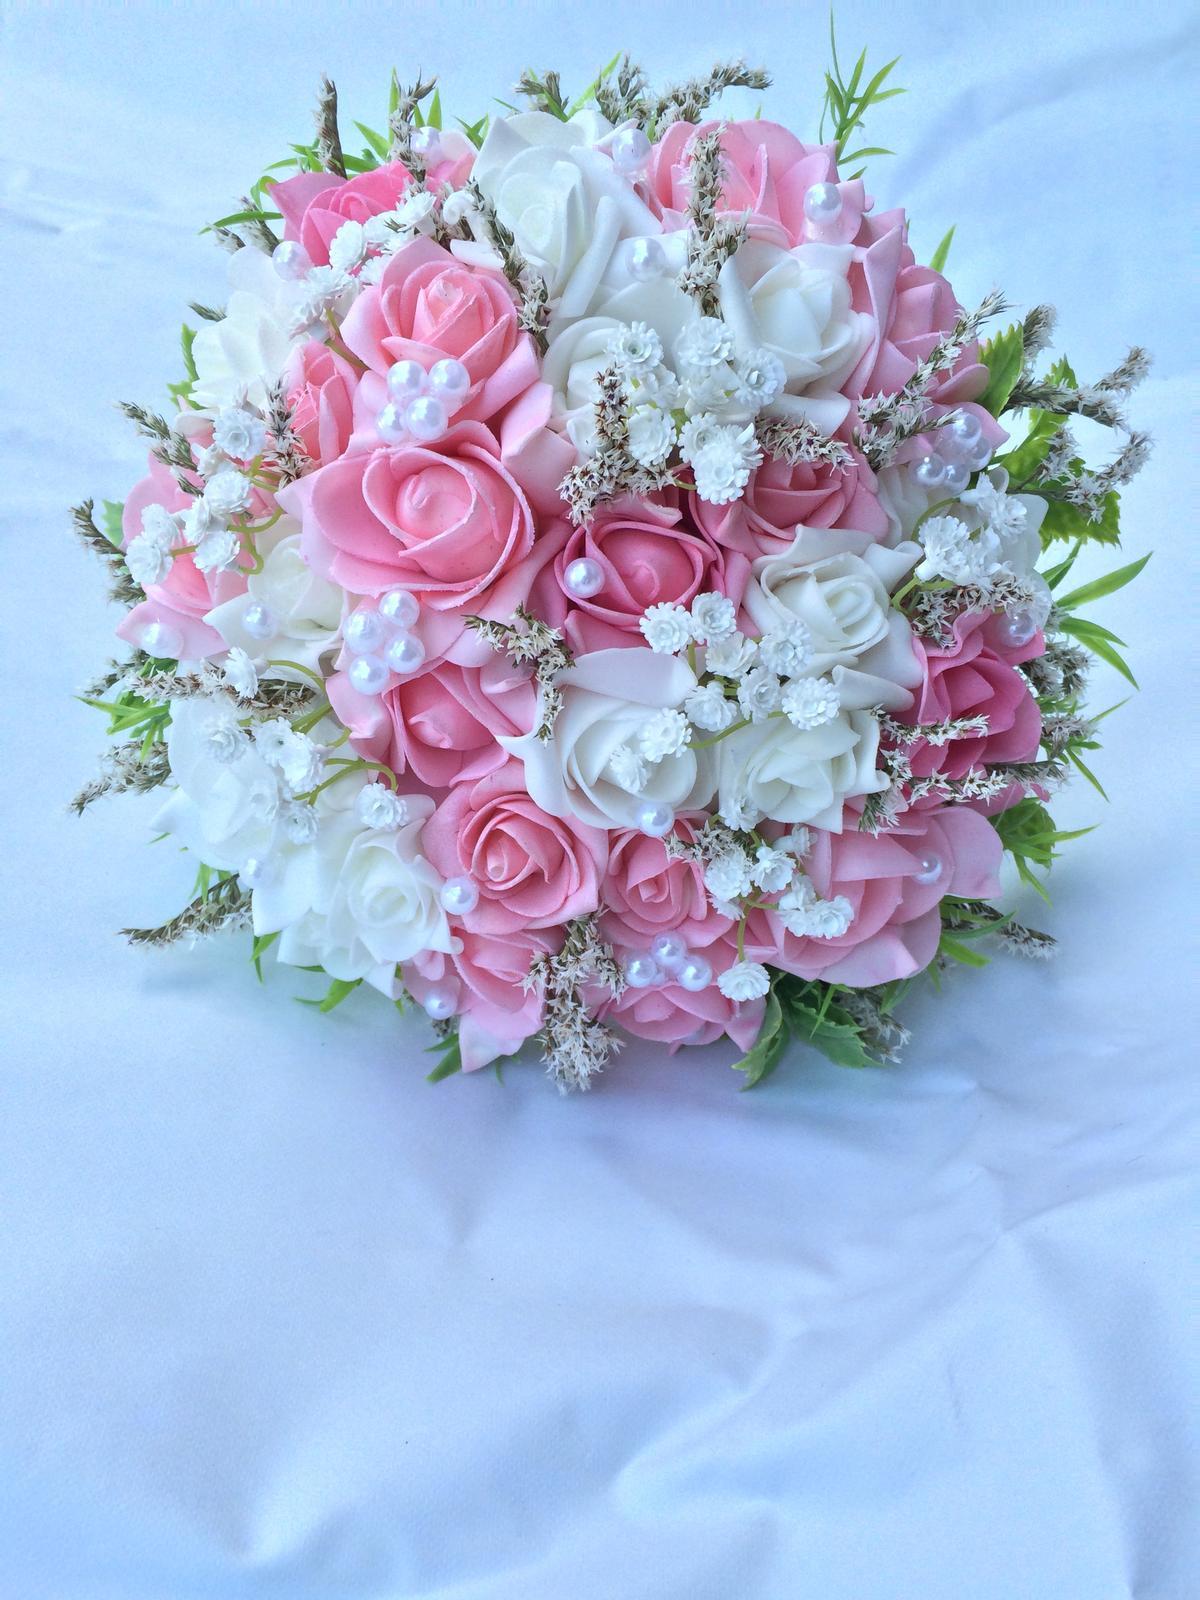 Svatební kytice a korsáž - Obrázek č. 1